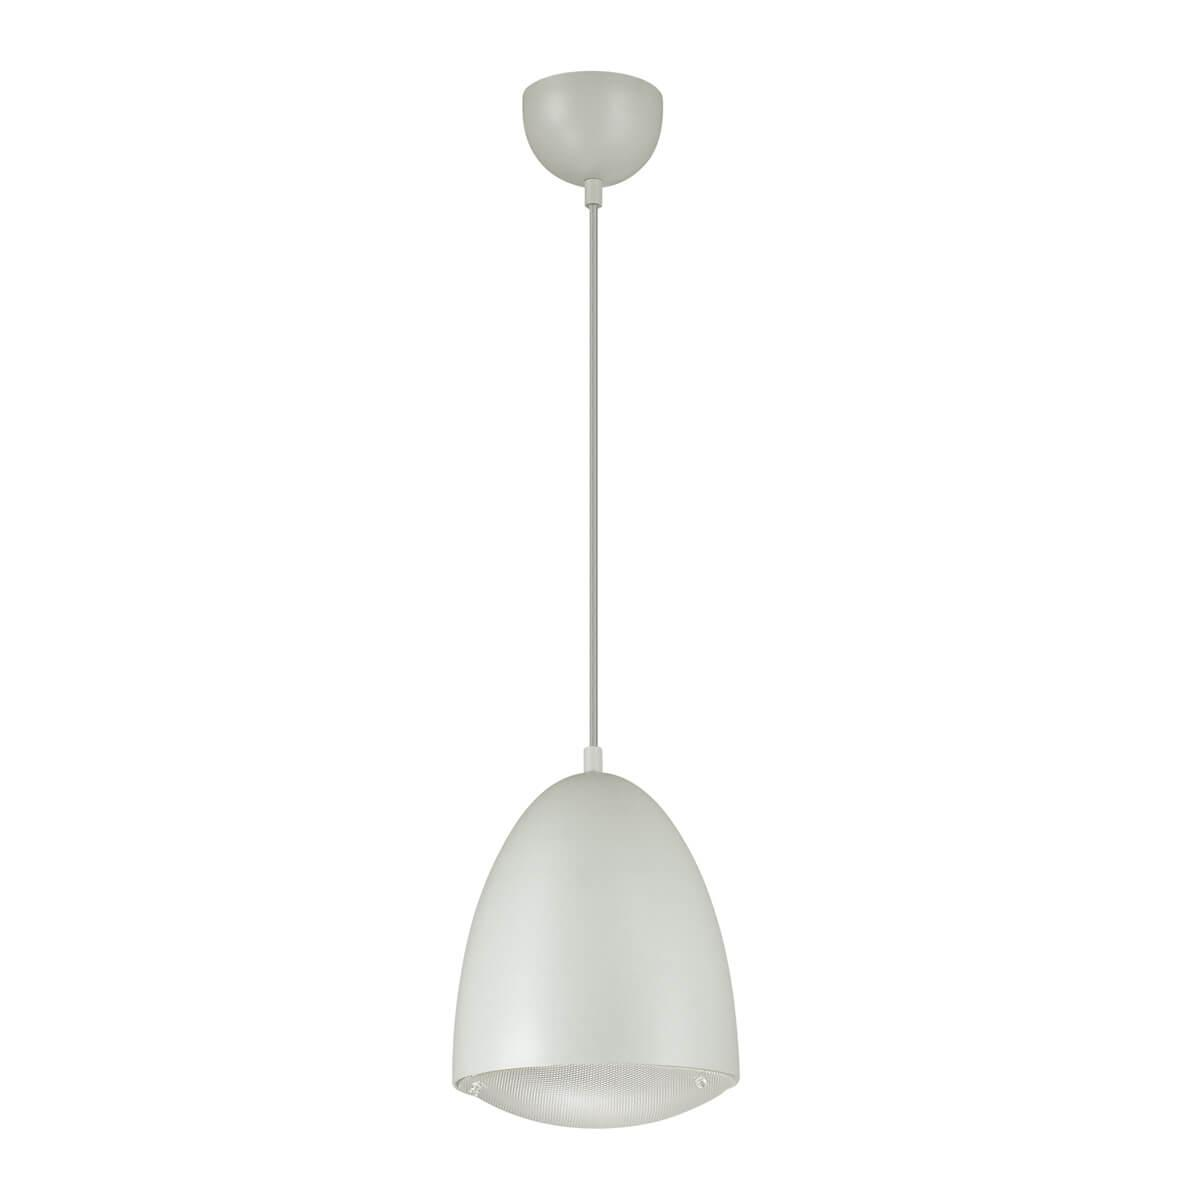 Подвесной светильник Lumion Belko 3669/1 lumion настольная лампа lumion belko 3669 1t